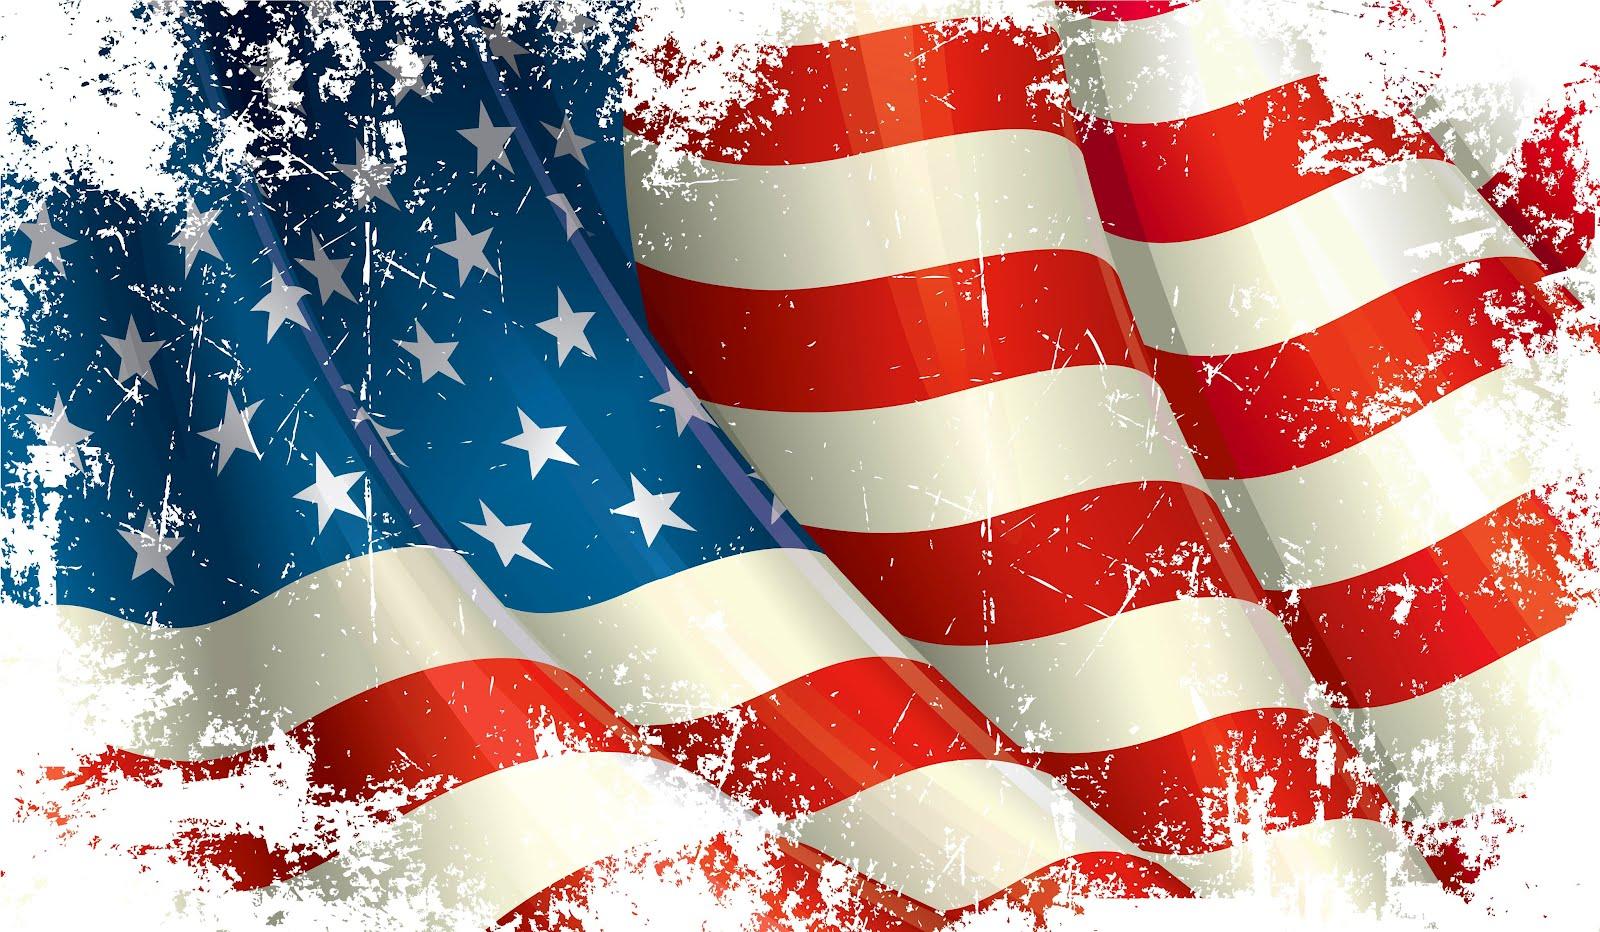 http://1.bp.blogspot.com/-7ui4-zkf6YU/T8gX1sOE_SI/AAAAAAAA6Aw/1Y-dHwbsW2k/s1600/bandera-de-usa-estados-unidos-flag.jpg